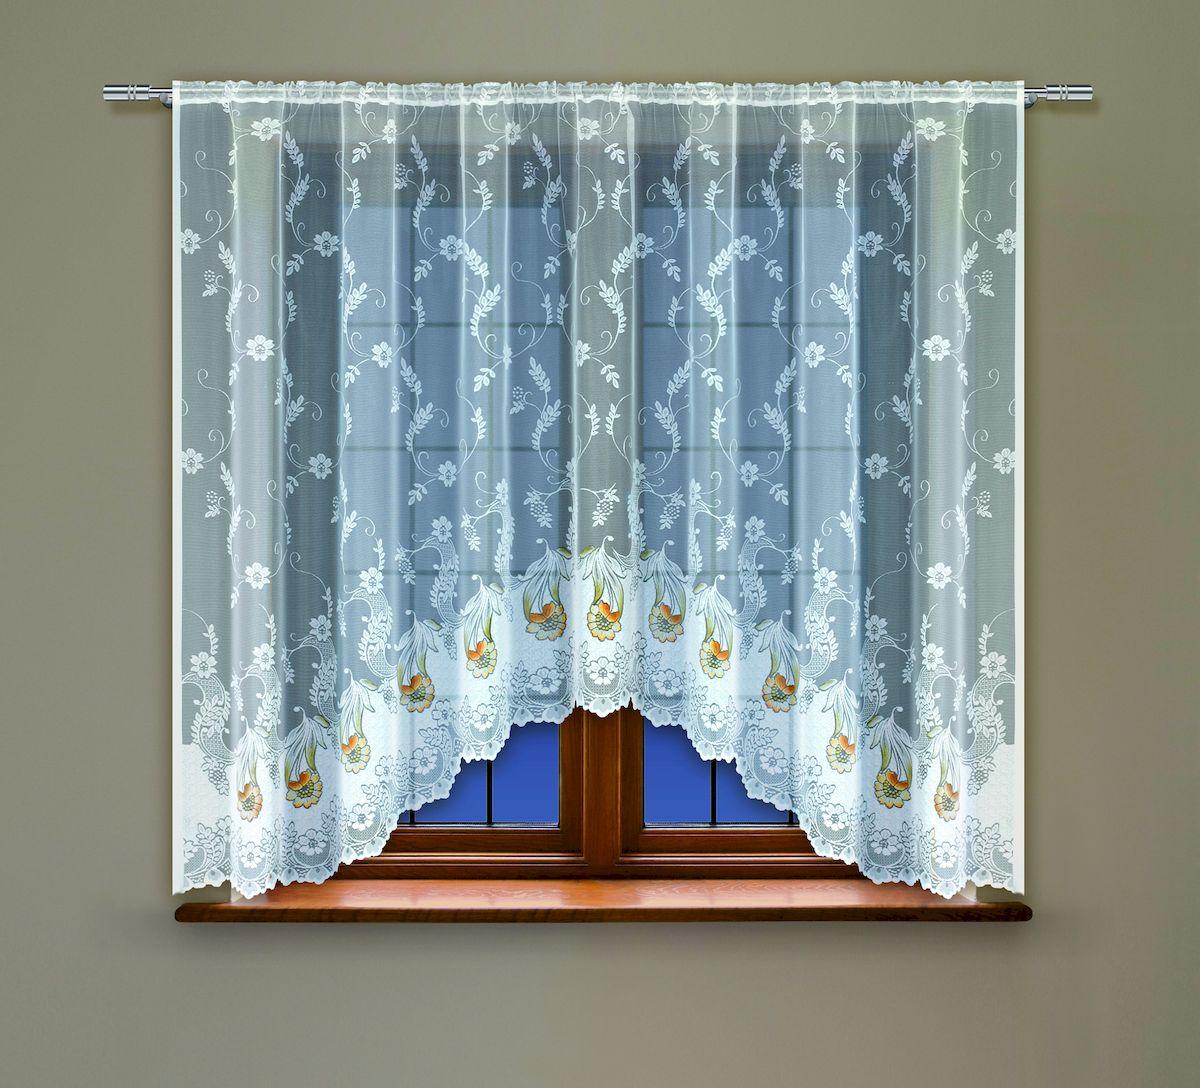 Гардина Haft, на кулиске, цвет: белый, высота 137 см. 208501208501/137Воздушная гардина Haft, выполненная из полиэстера, великолепно украсит любое окно.Изделие имеет оригинальный дизайн и органично впишется в интерьер помещения.Гардина крепится на карниз при помощи кулиски.